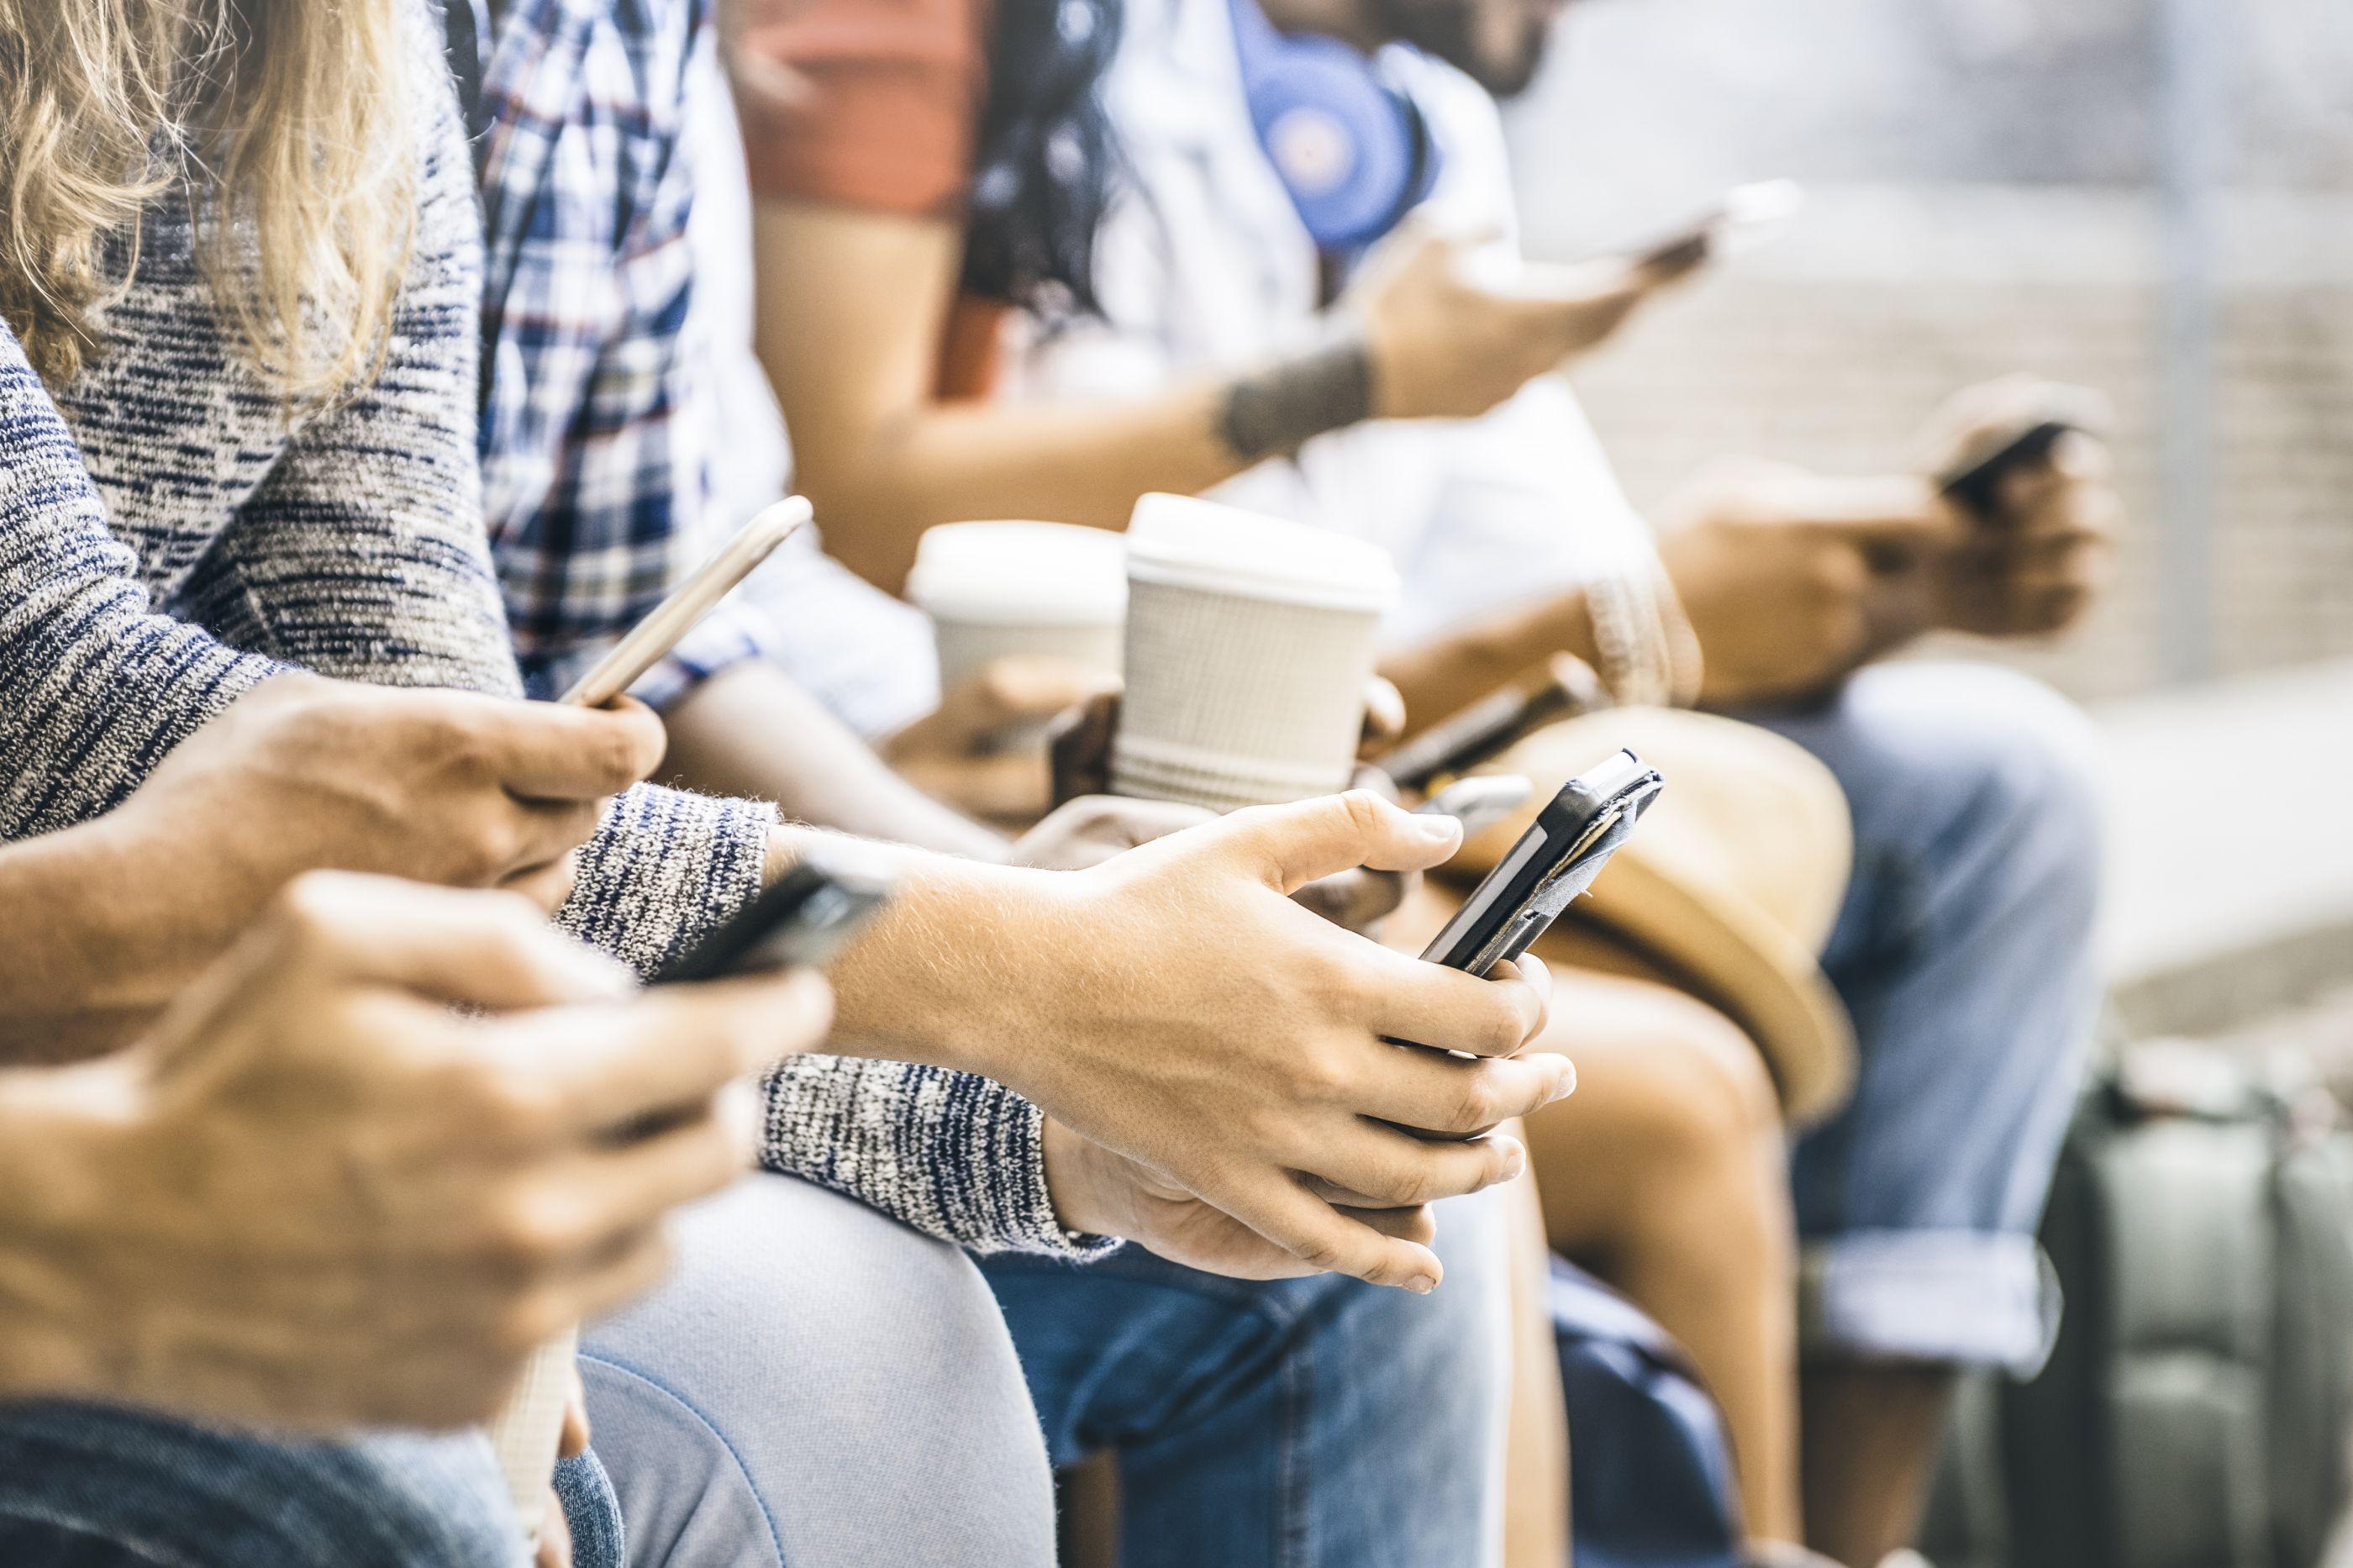 De onde vem a obsessão pela tecnologia? Especialistas respondem